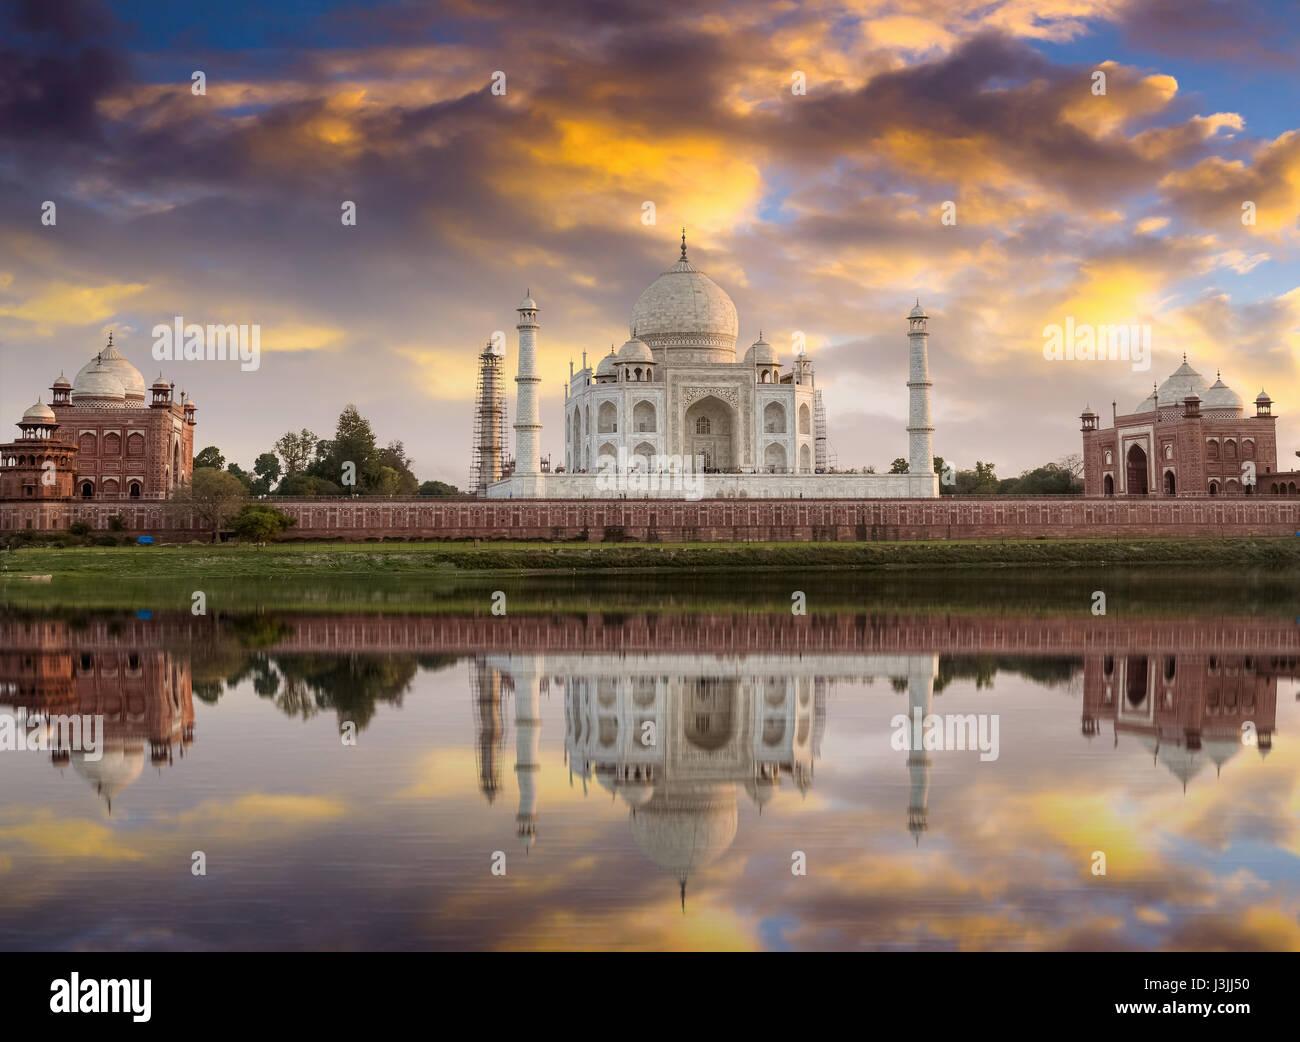 Taj Mahal vista al tramonto dalle rive del fiume Yamuna. Taj Mahal è un marmo bianco mausoleo designato come Immagini Stock